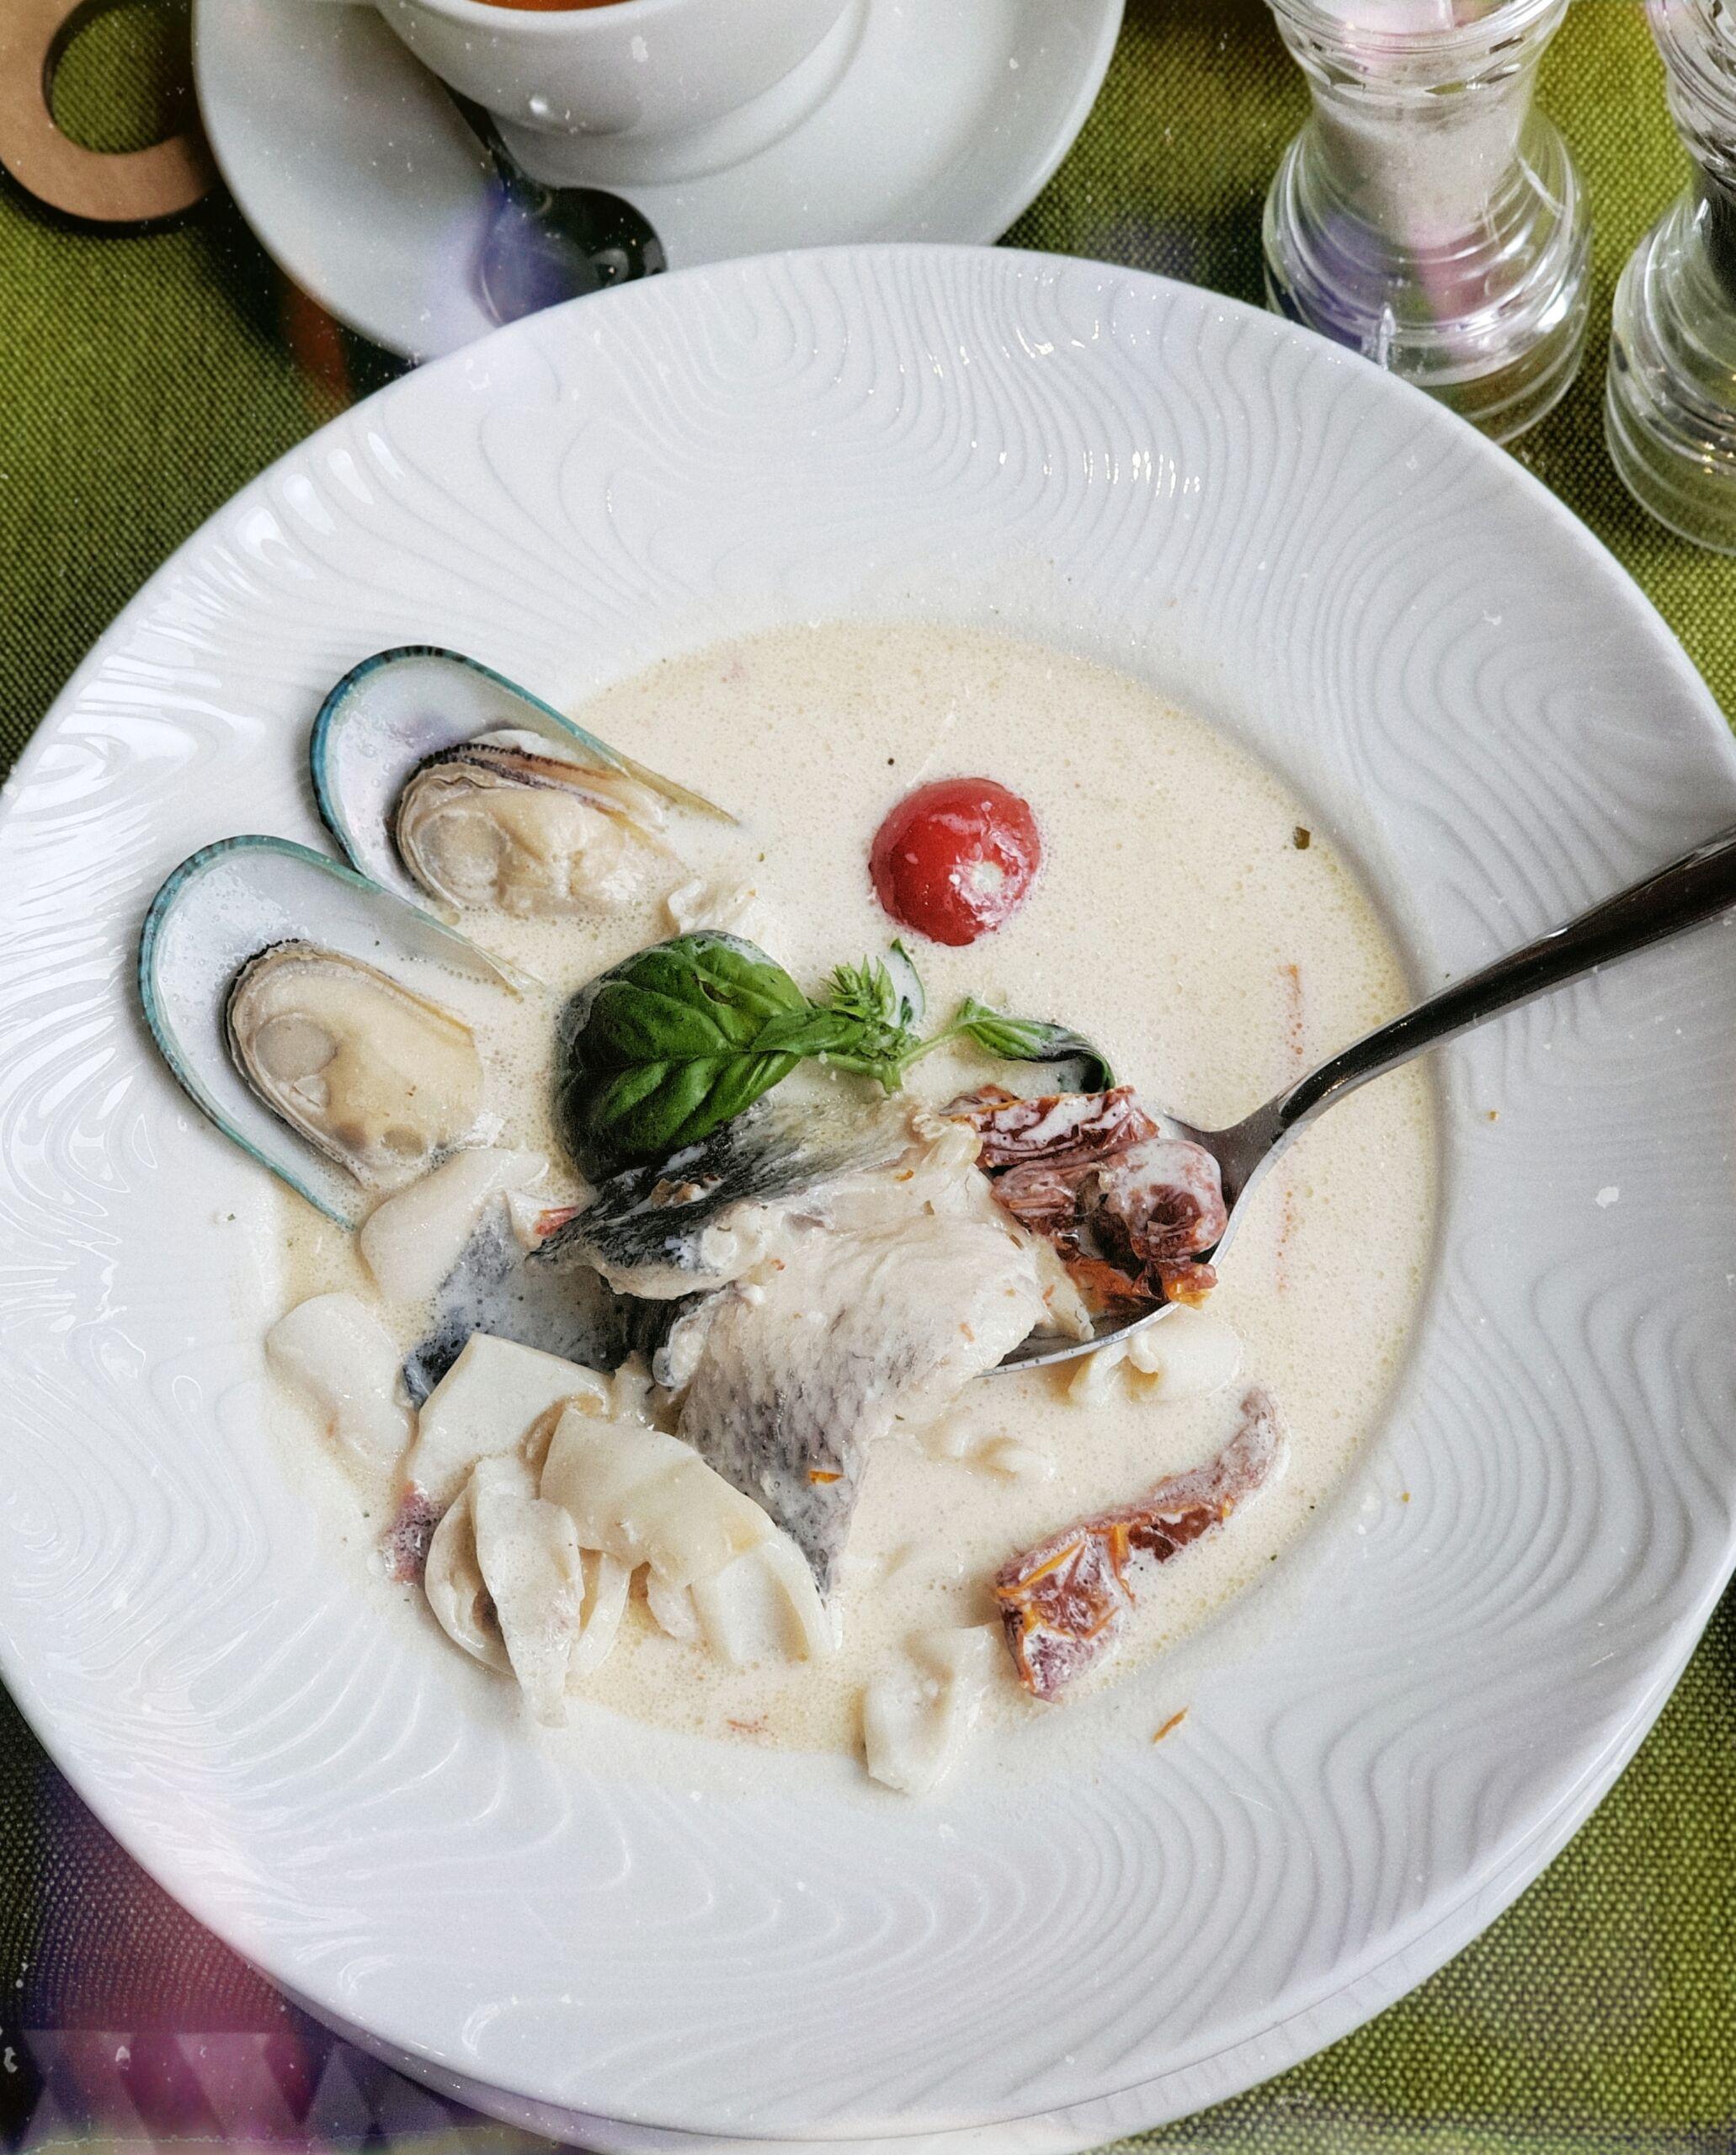 Рыбная похлебка с морепродуктами Pinzeria by Bontempi Итальянский ресторан Волгоград пицца заказать